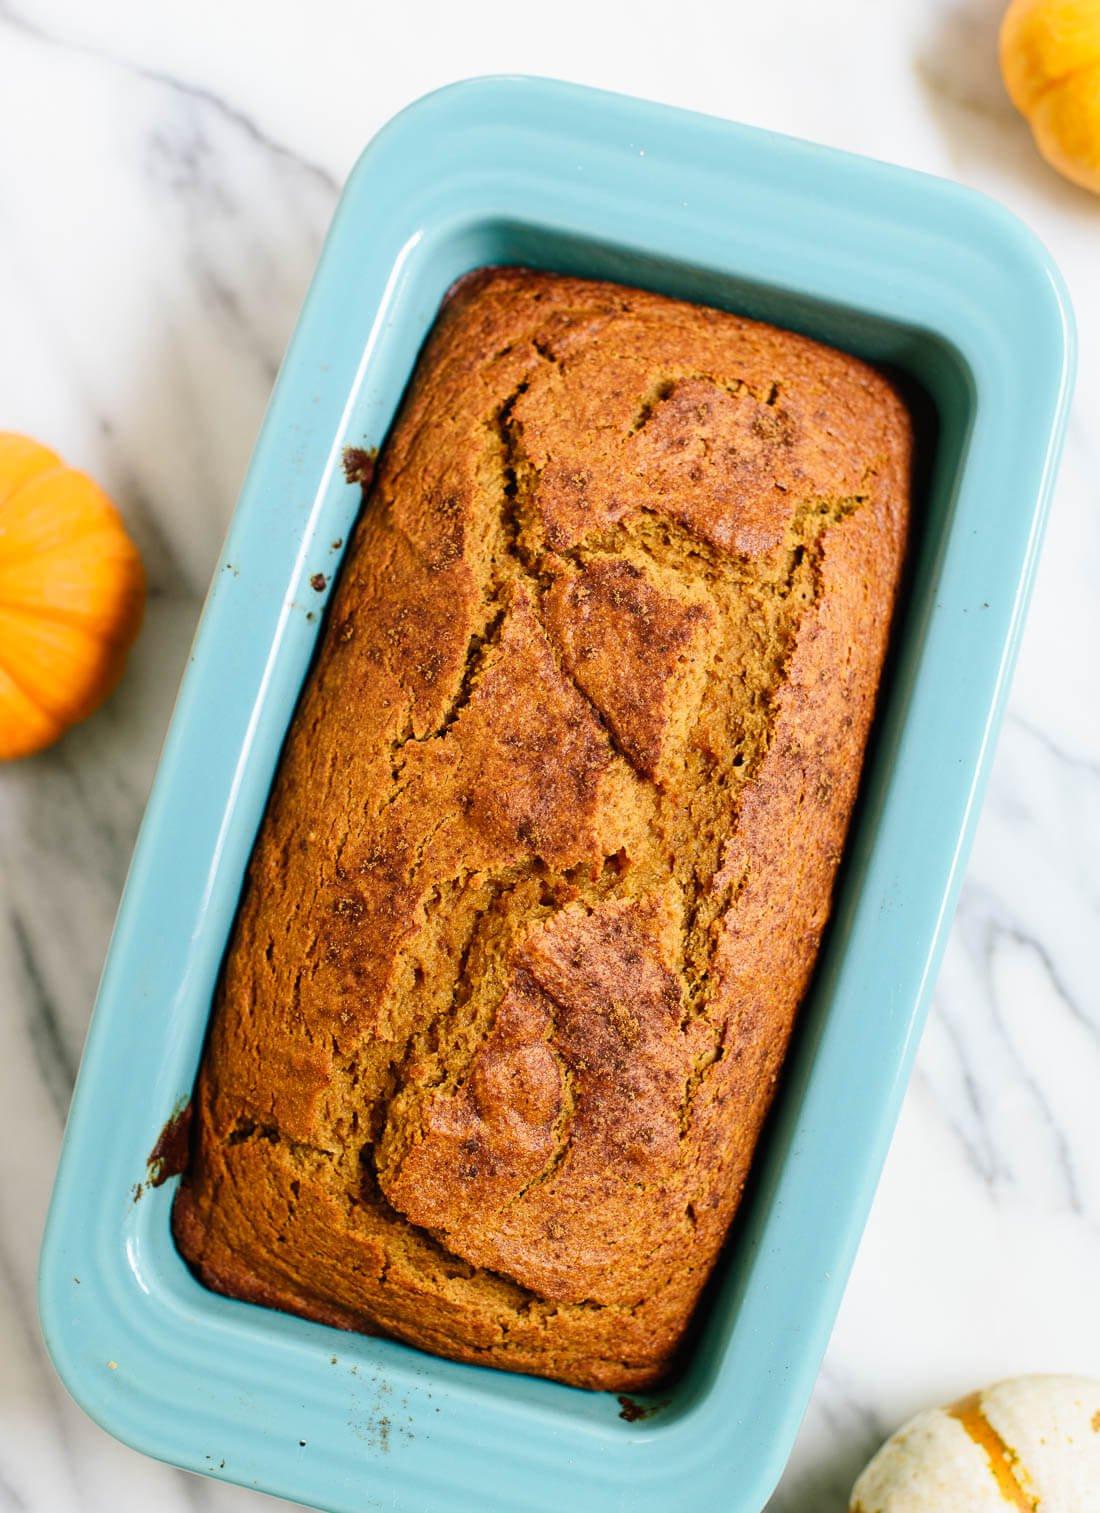 Pumpkin Bread Recipe Healthy  Healthy Pumpkin Bread Recipe Cookie and Kate